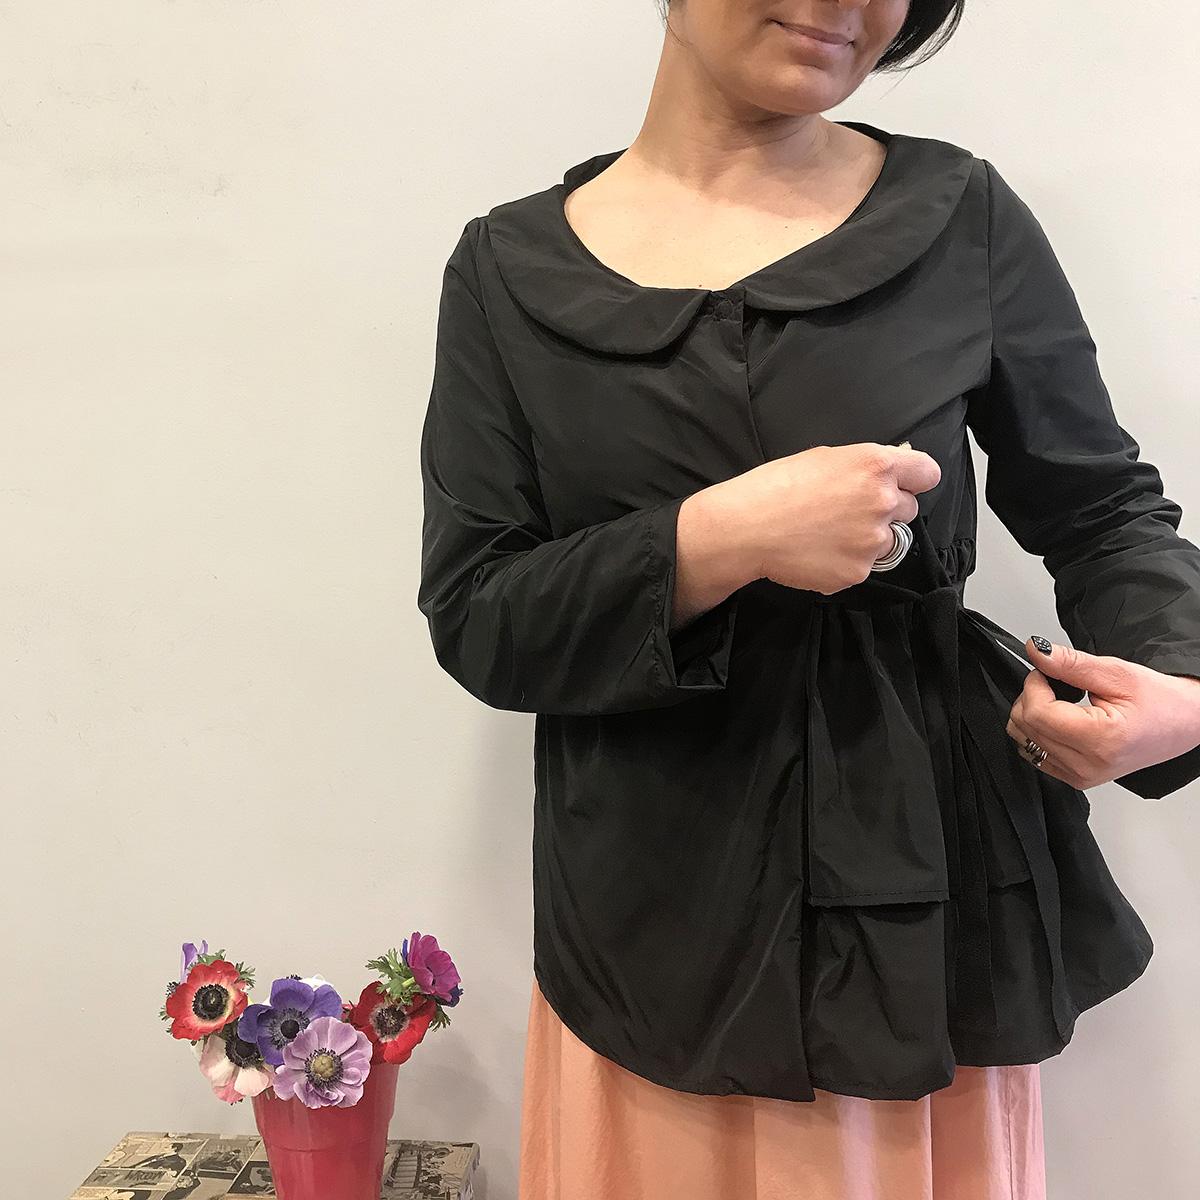 giacca-pepe-rosa-collezione-SS19-abbigliamento-donna-Crazy-Art-Torino